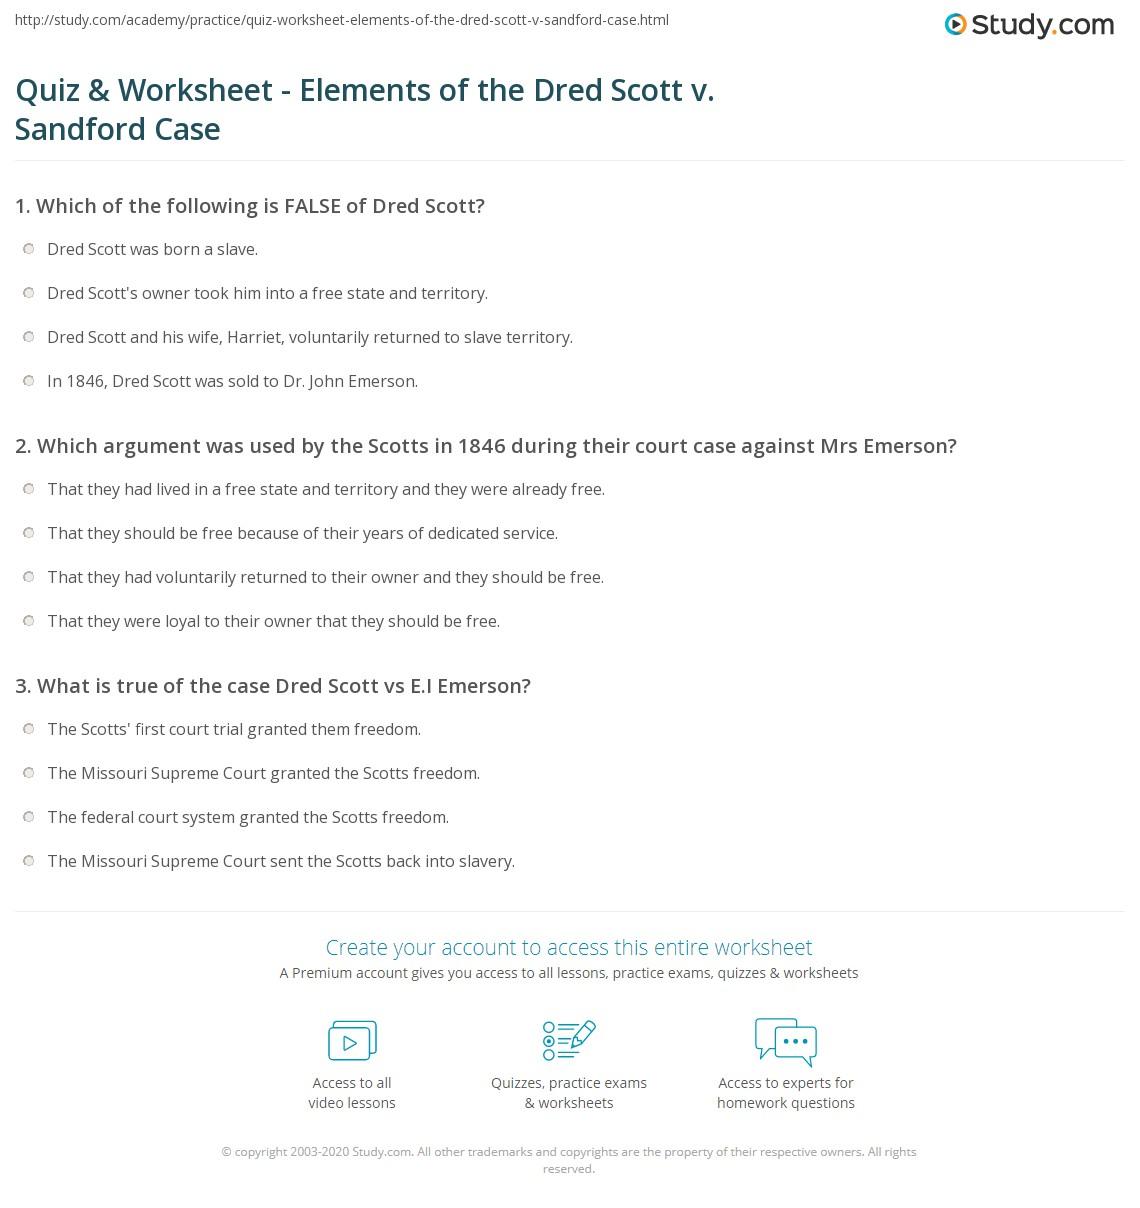 Quiz & Worksheet Elements of the Dred Scott v Sandford Case